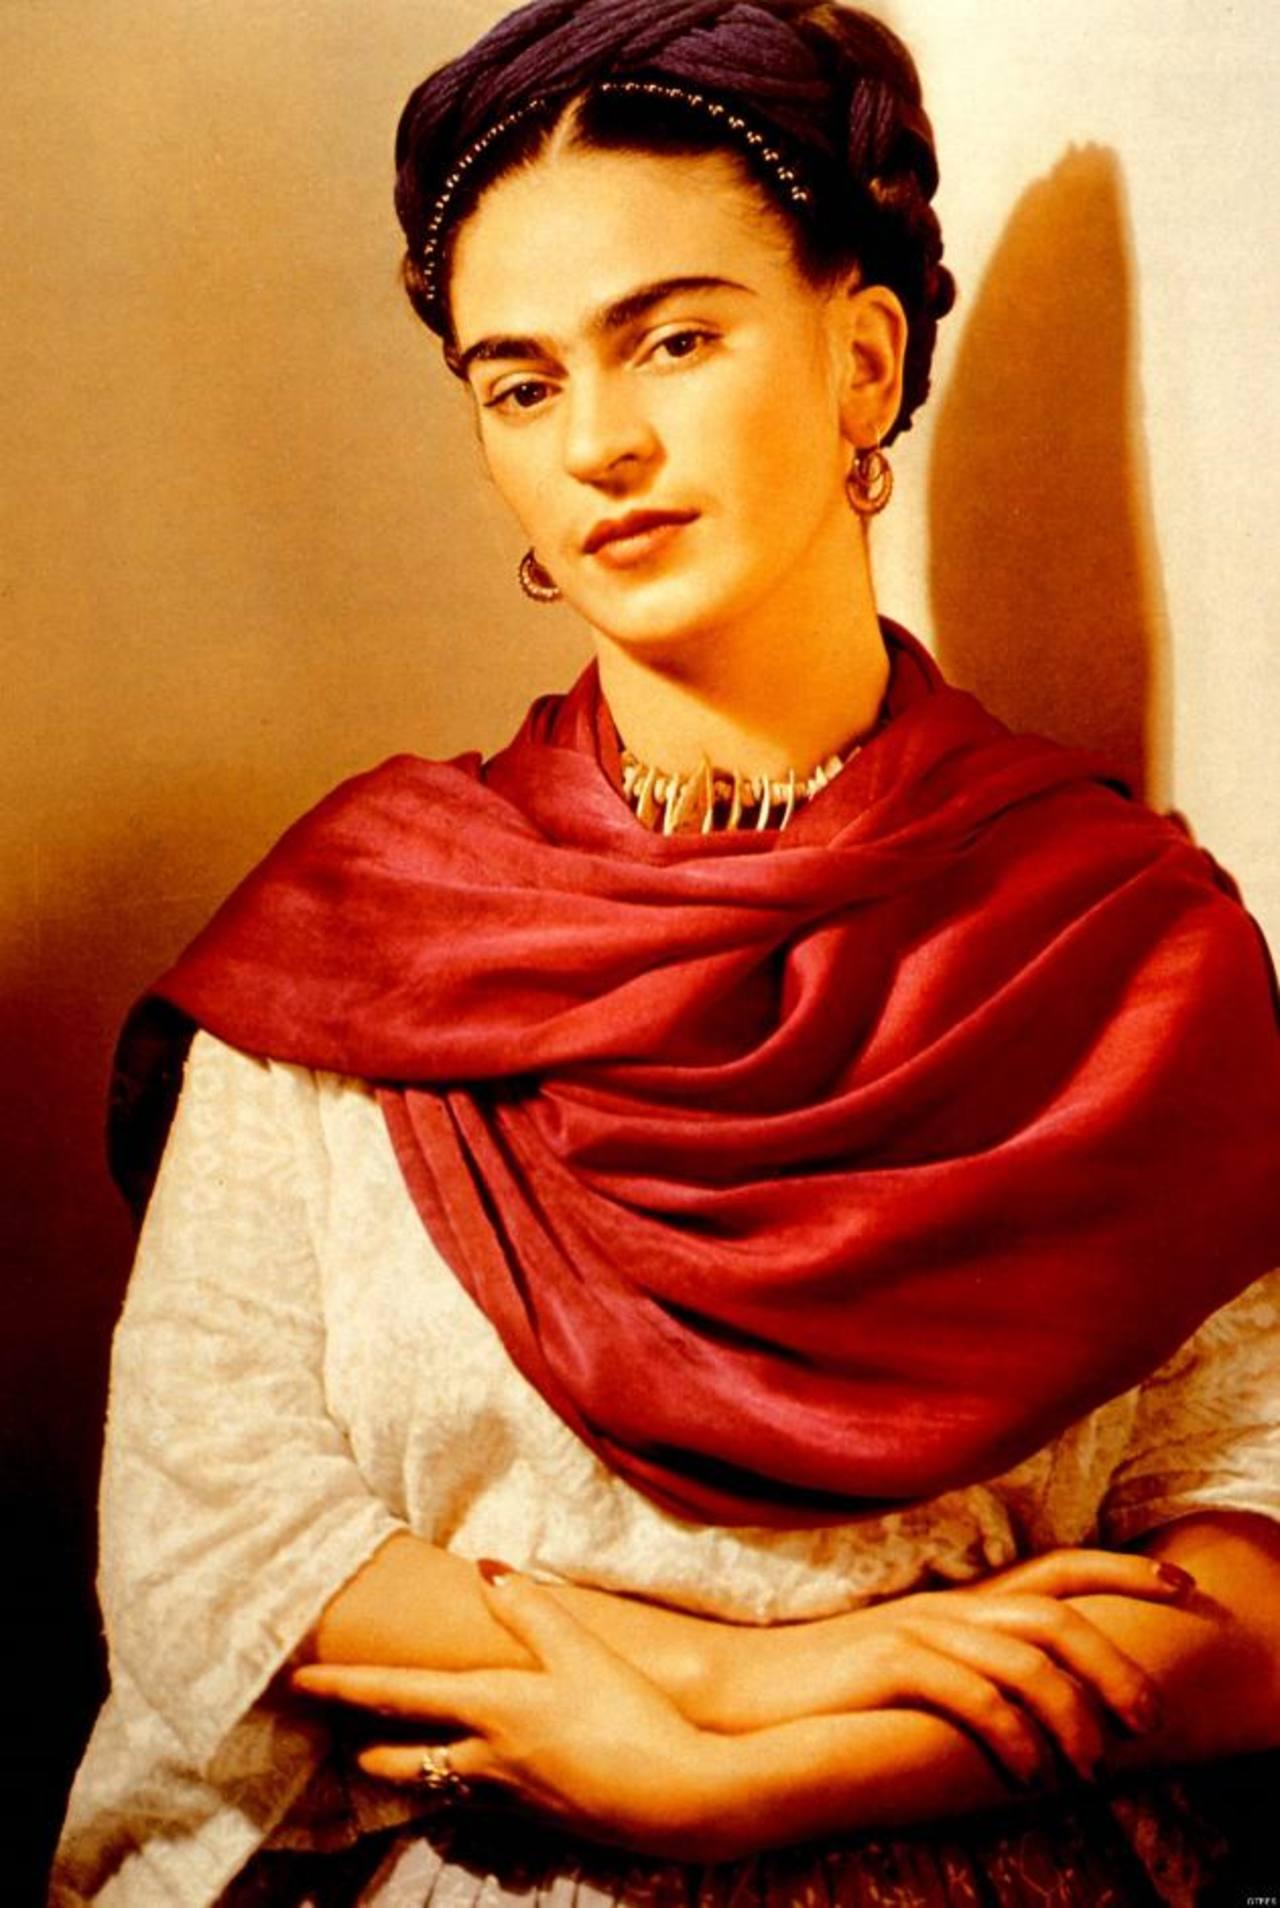 Enferma, dolorida, sensual, coqueta o combativa, todas estas facetas de Frida Kahlo han sido representadas en el libro.